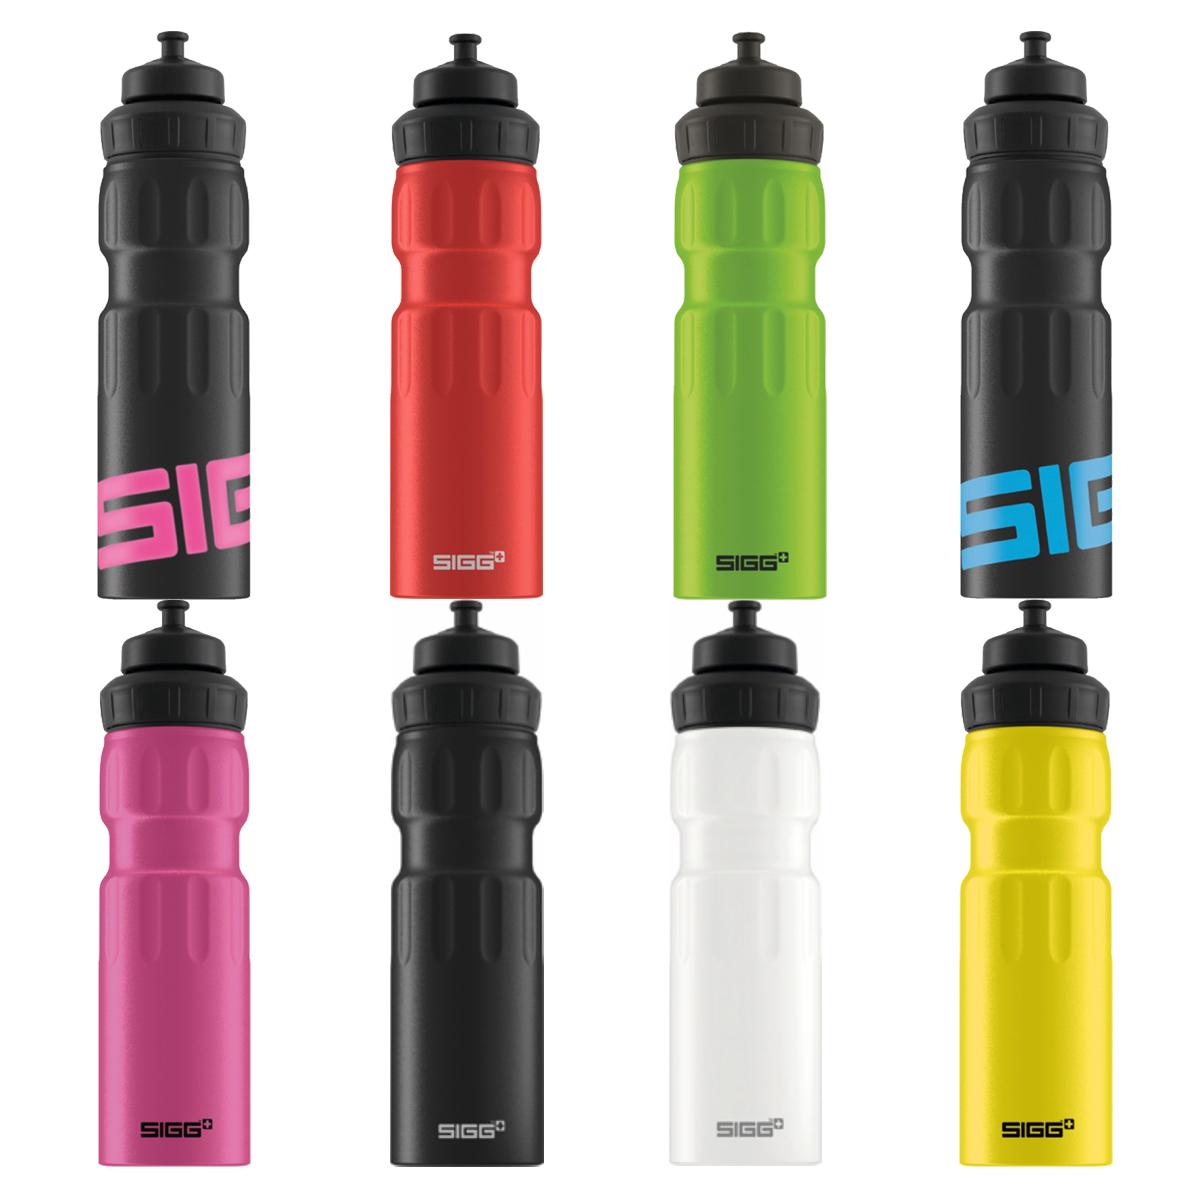 Best Sports Bottle Uk: Wide Mouth Sport Drink Bottle